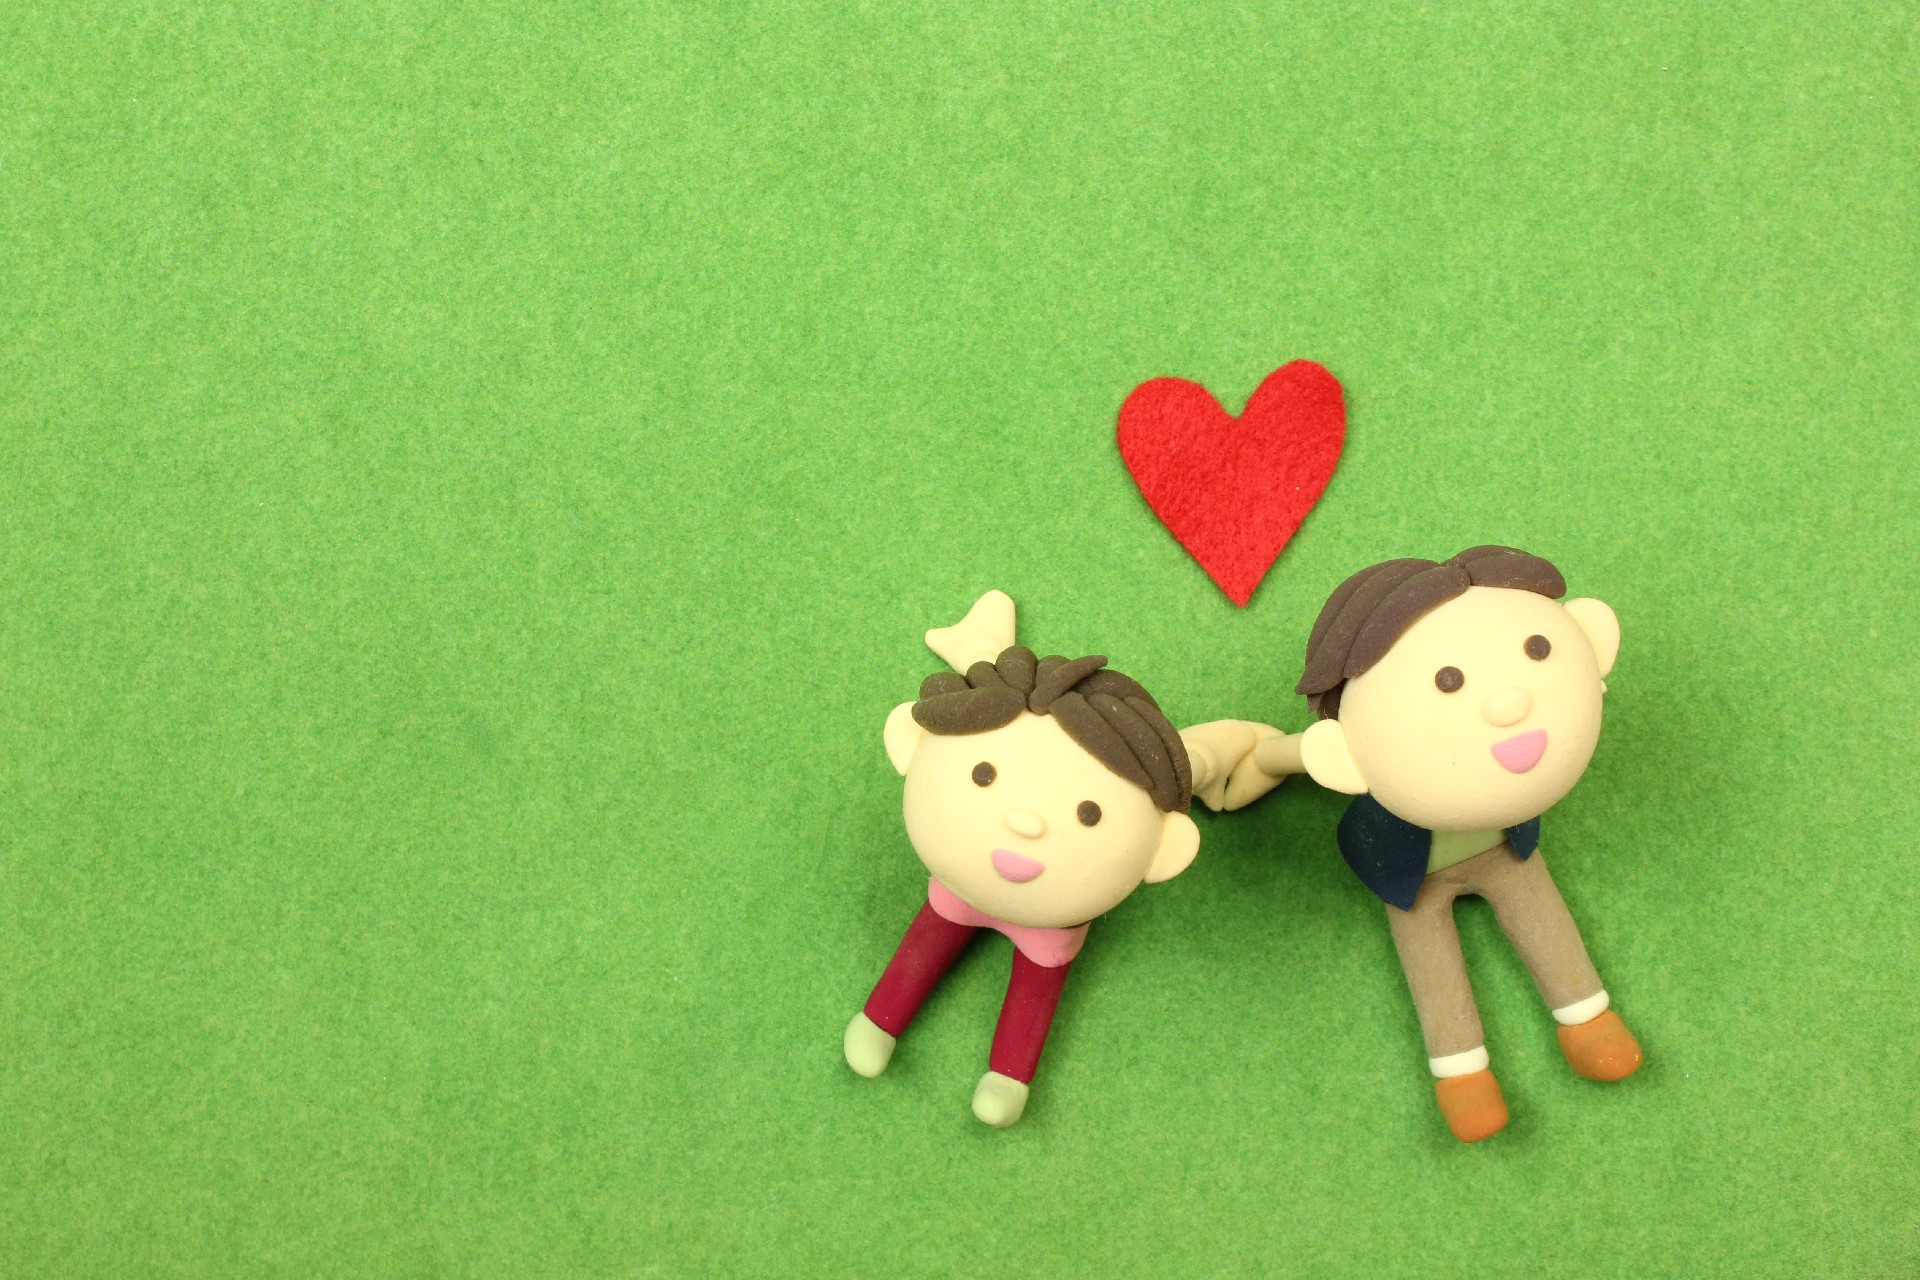 芝生に座るカップルのフェルト人形